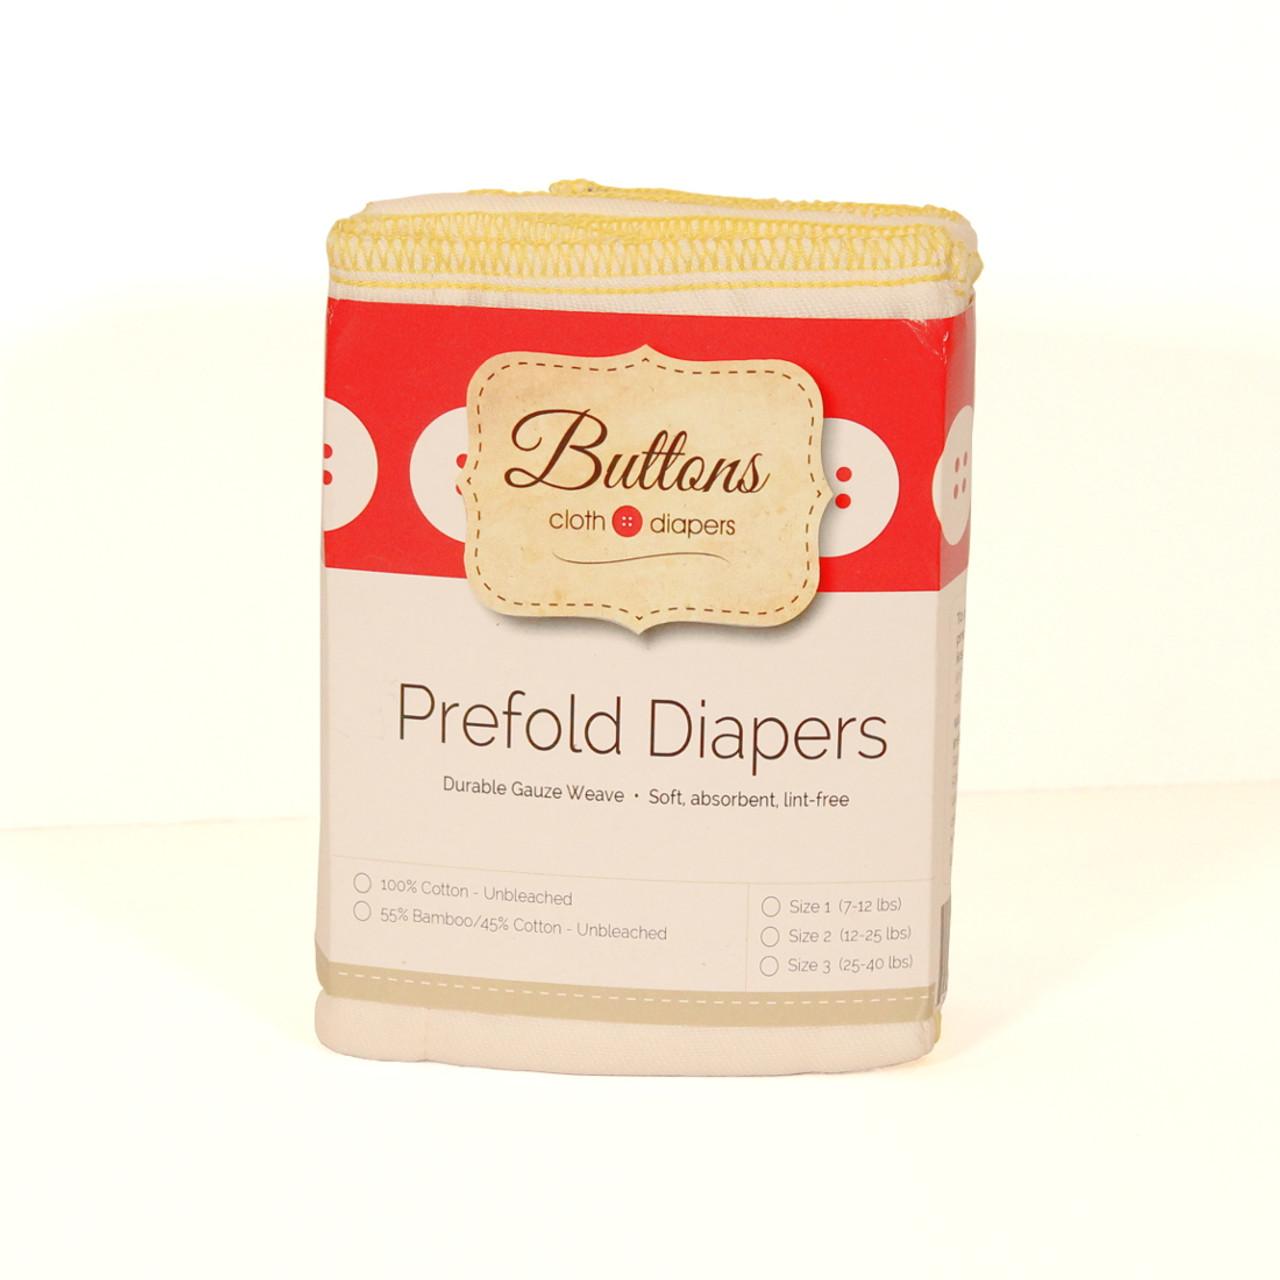 Buttons Unbleached Cotton Prefolds 6 Pack